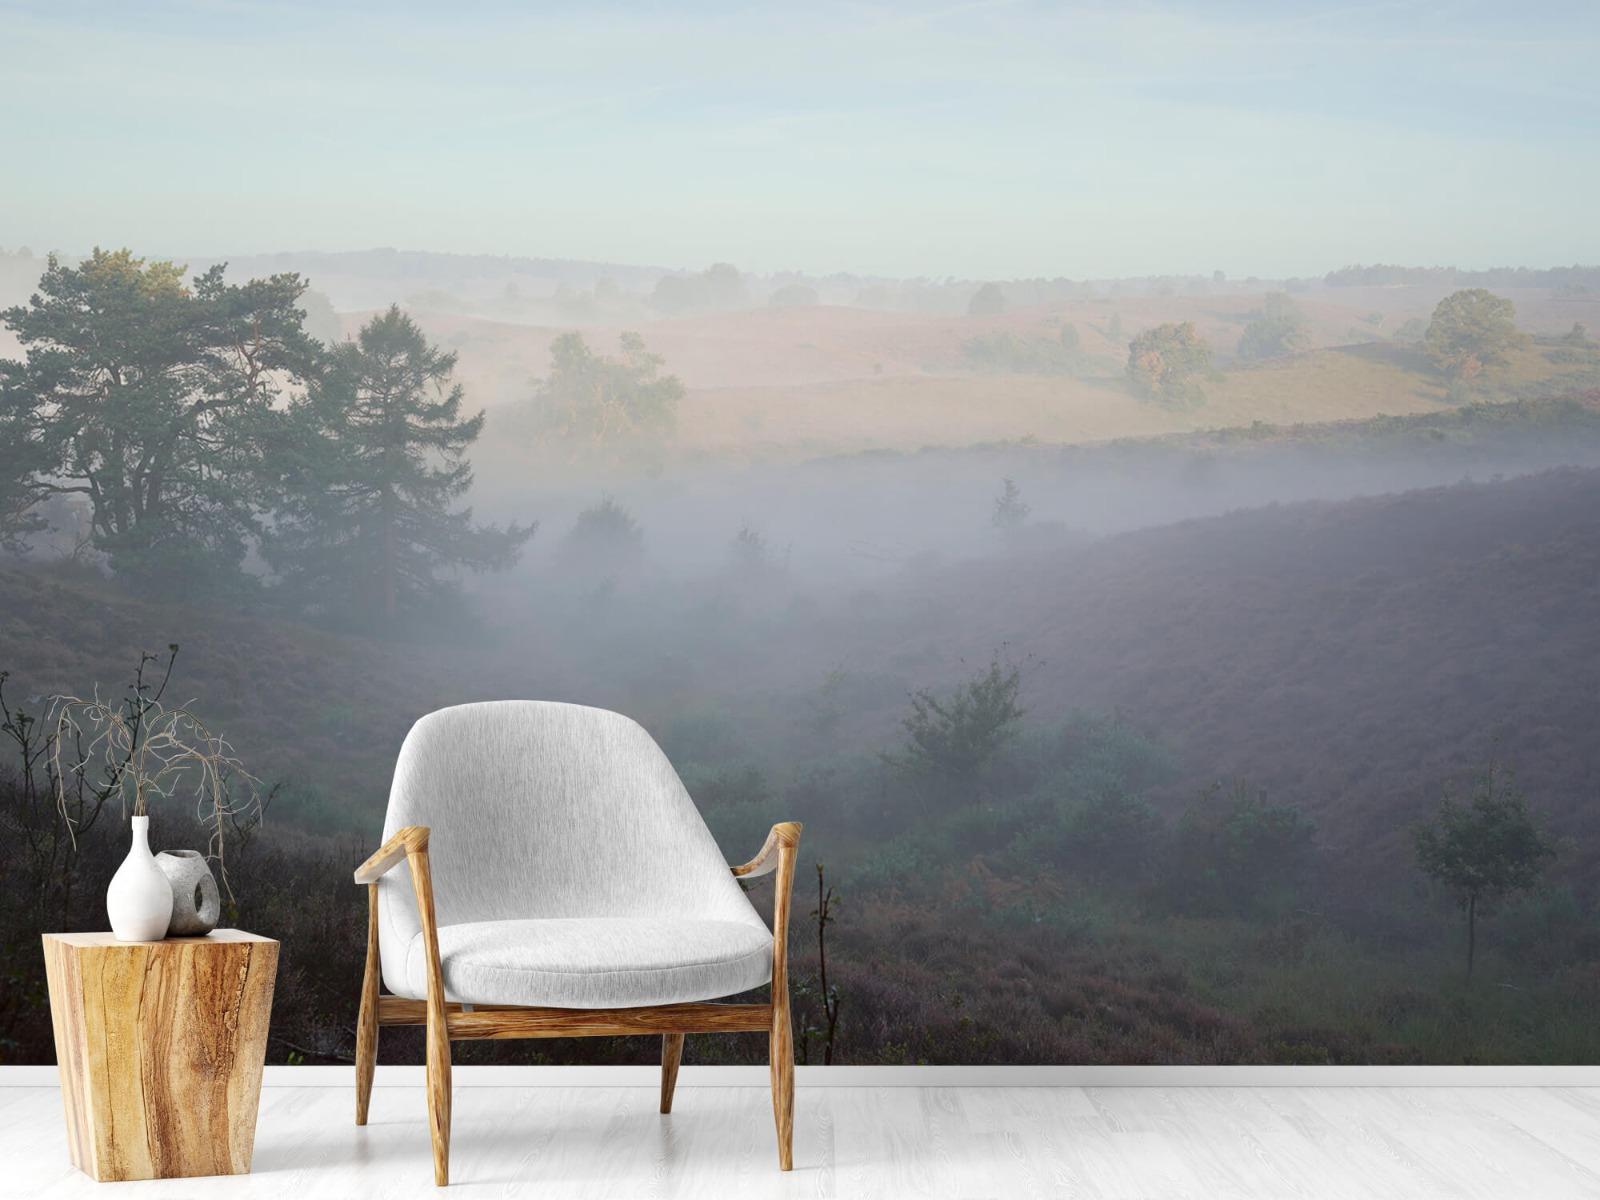 Landschap - Mist op de hei - Slaapkamer 18